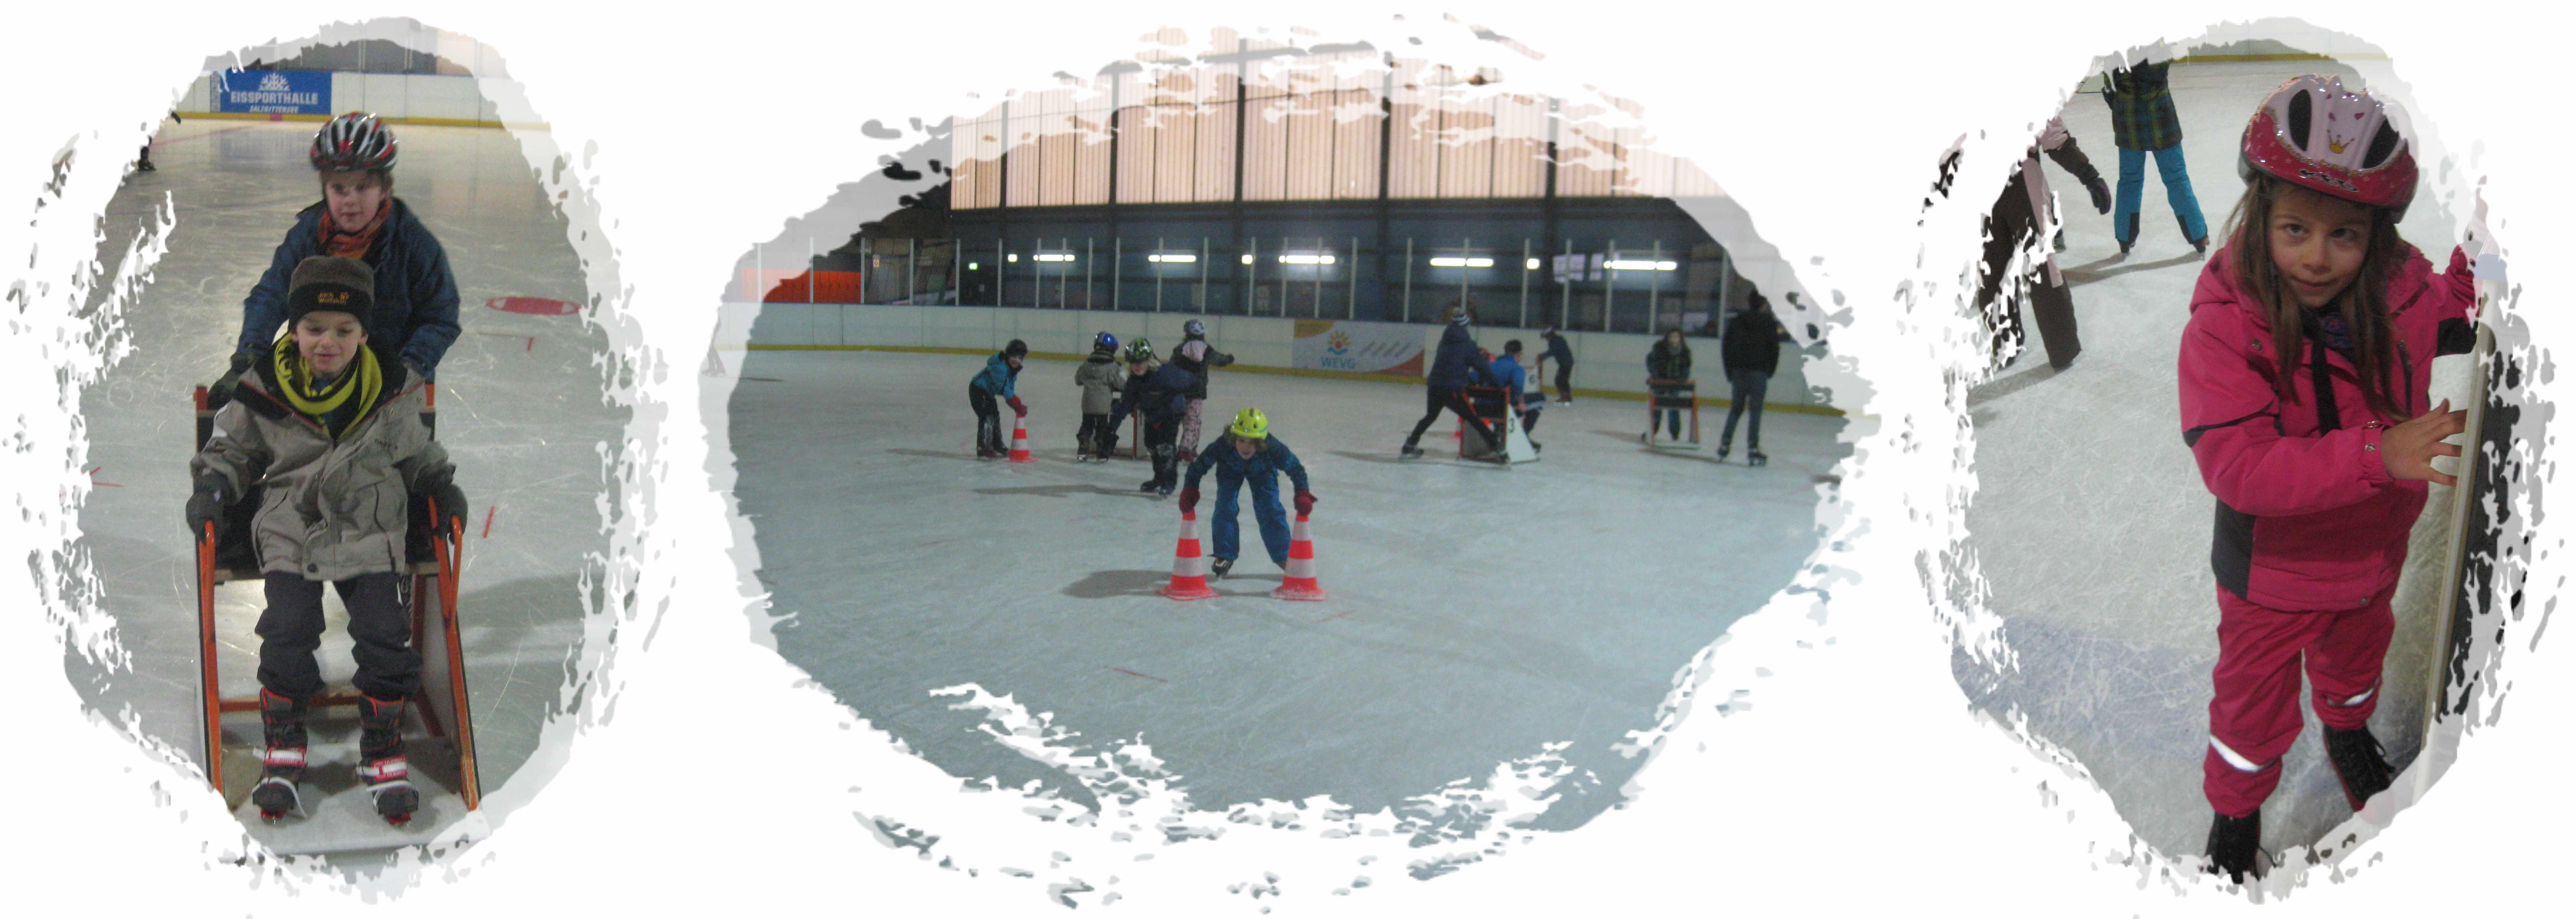 Eislaufen - Draußentag am 22.01.2014